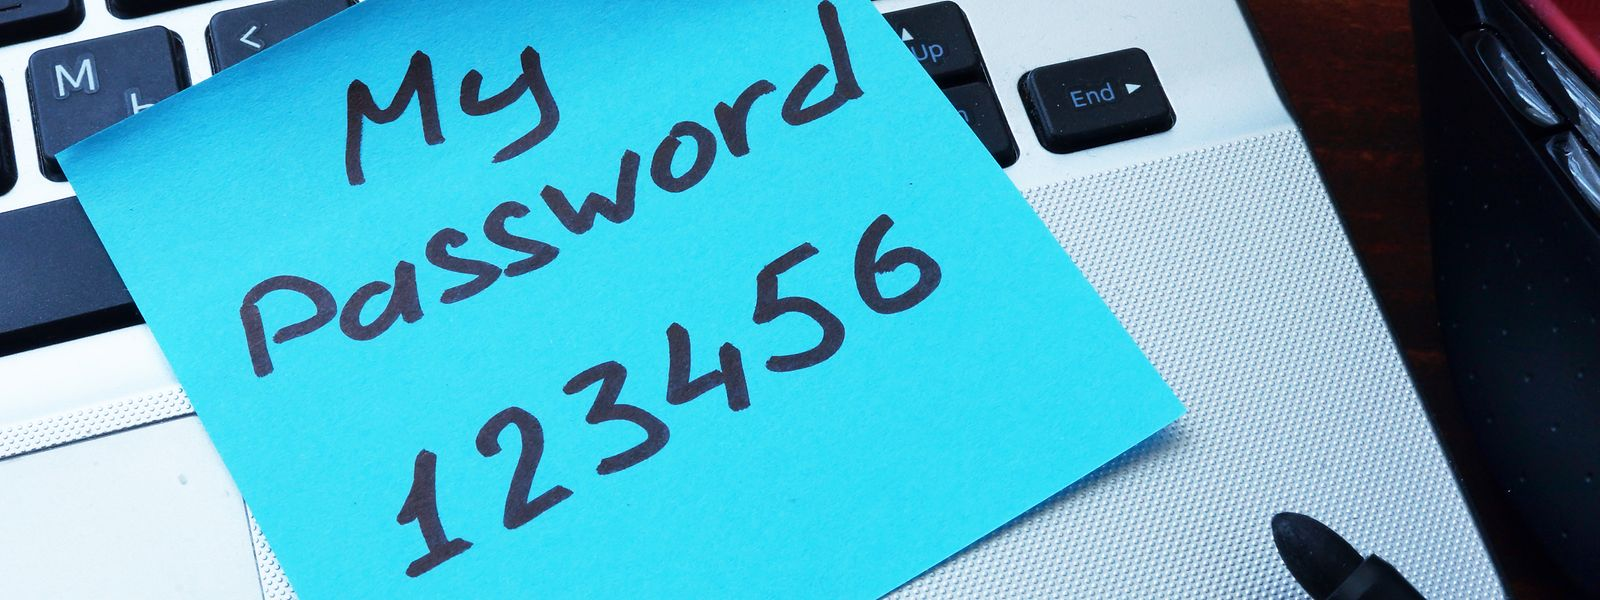 Datenlecks haben ihren Ursprung oft in mangelnder Sorgfalt bei der Auswahl von Passwörtern.